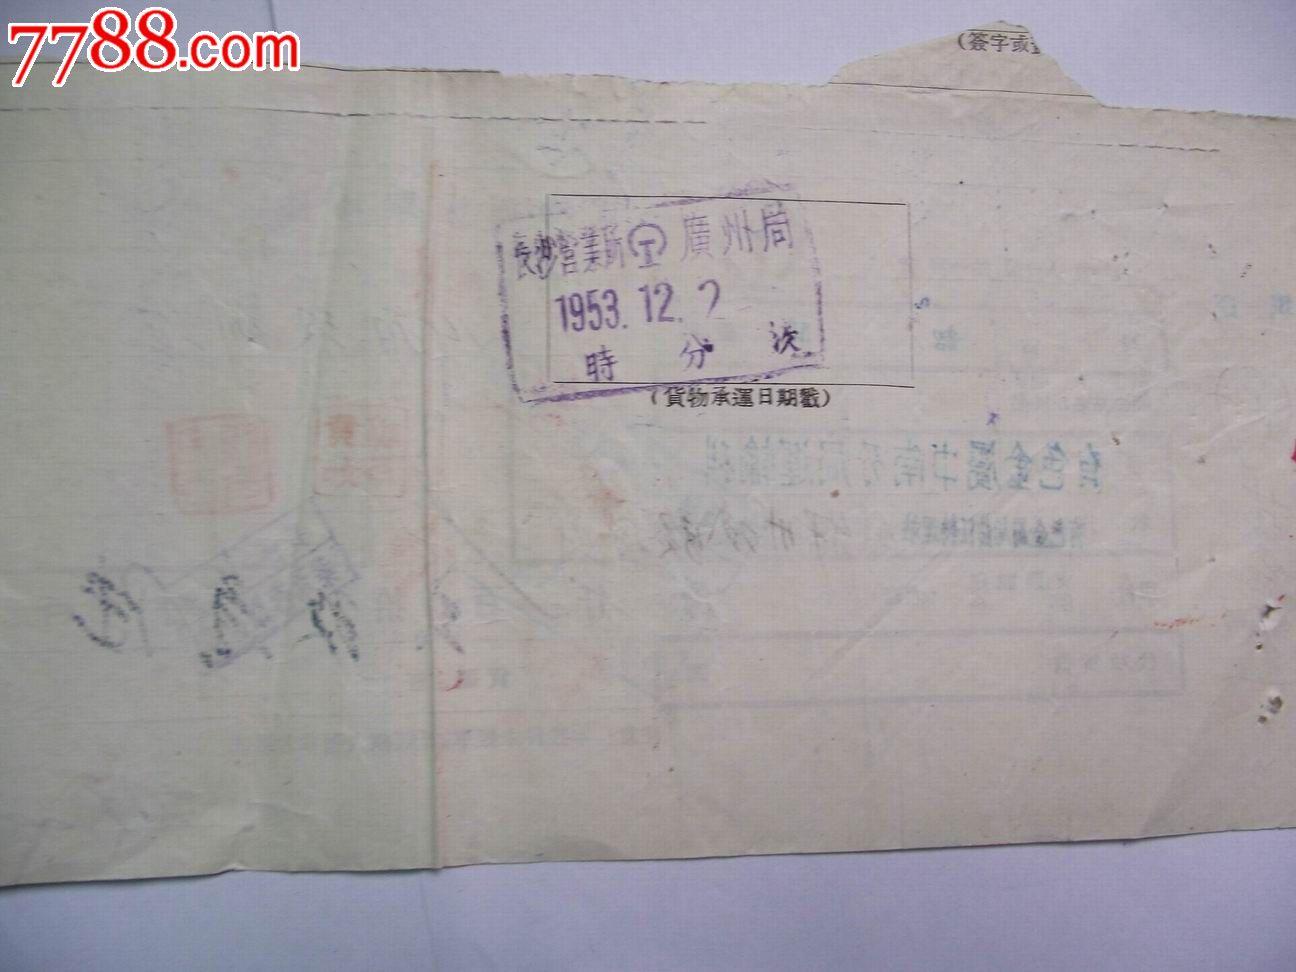 路局货物运送单抄件